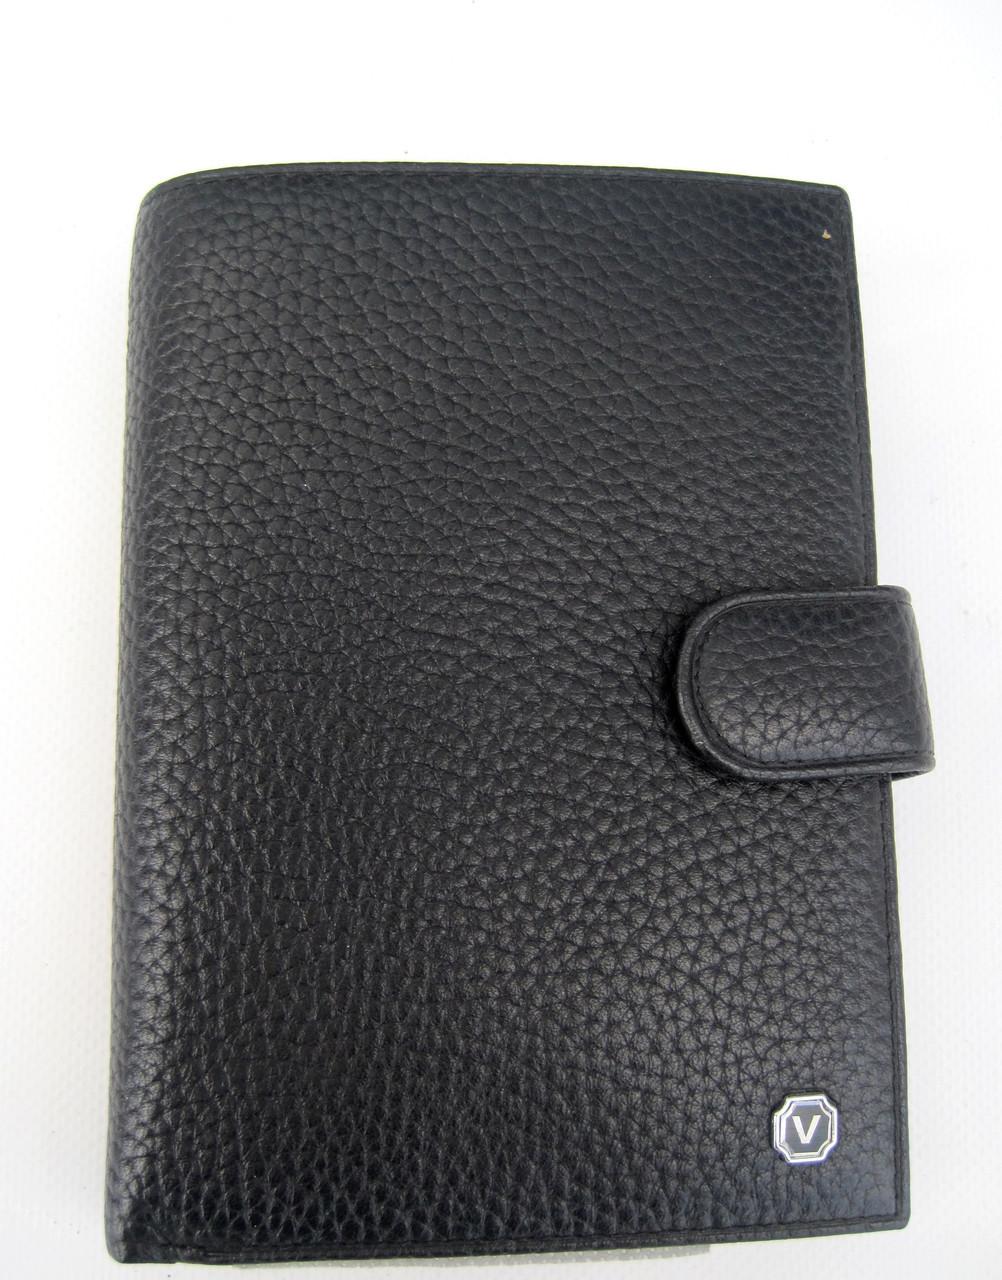 Мужское кожаное портмоне VERITY V122-14 black кожаное портмоне и кожаные кошельки оптом